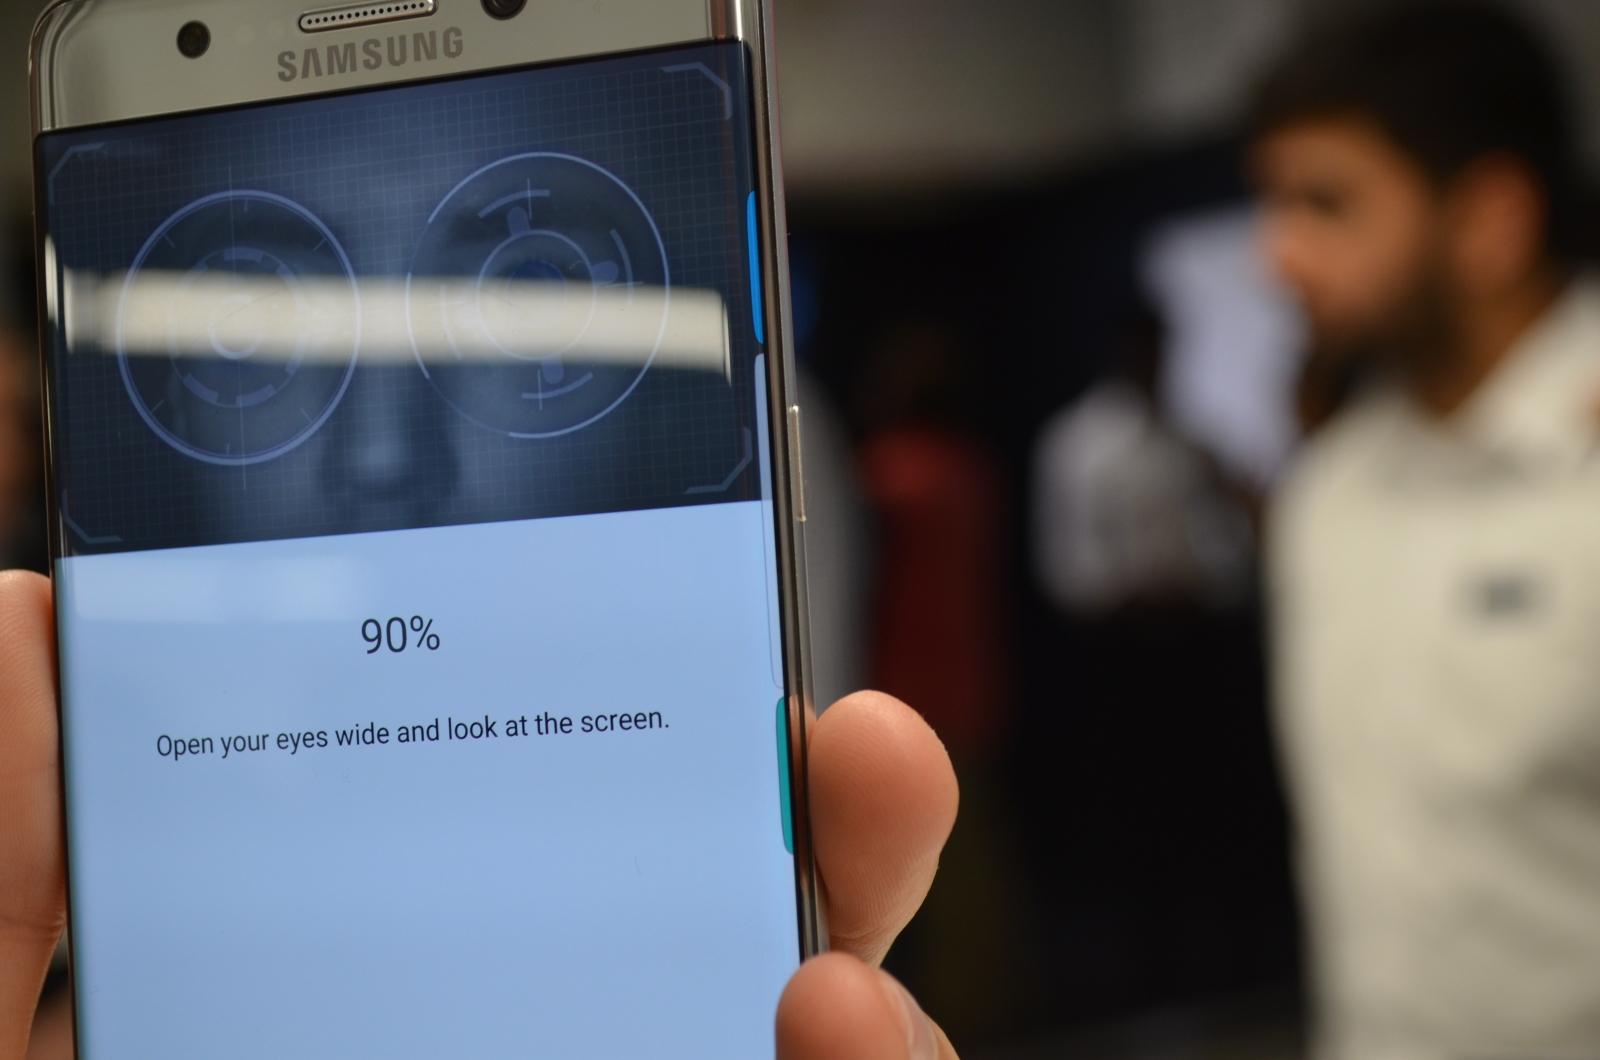 Samsung Note 7 iris scanner